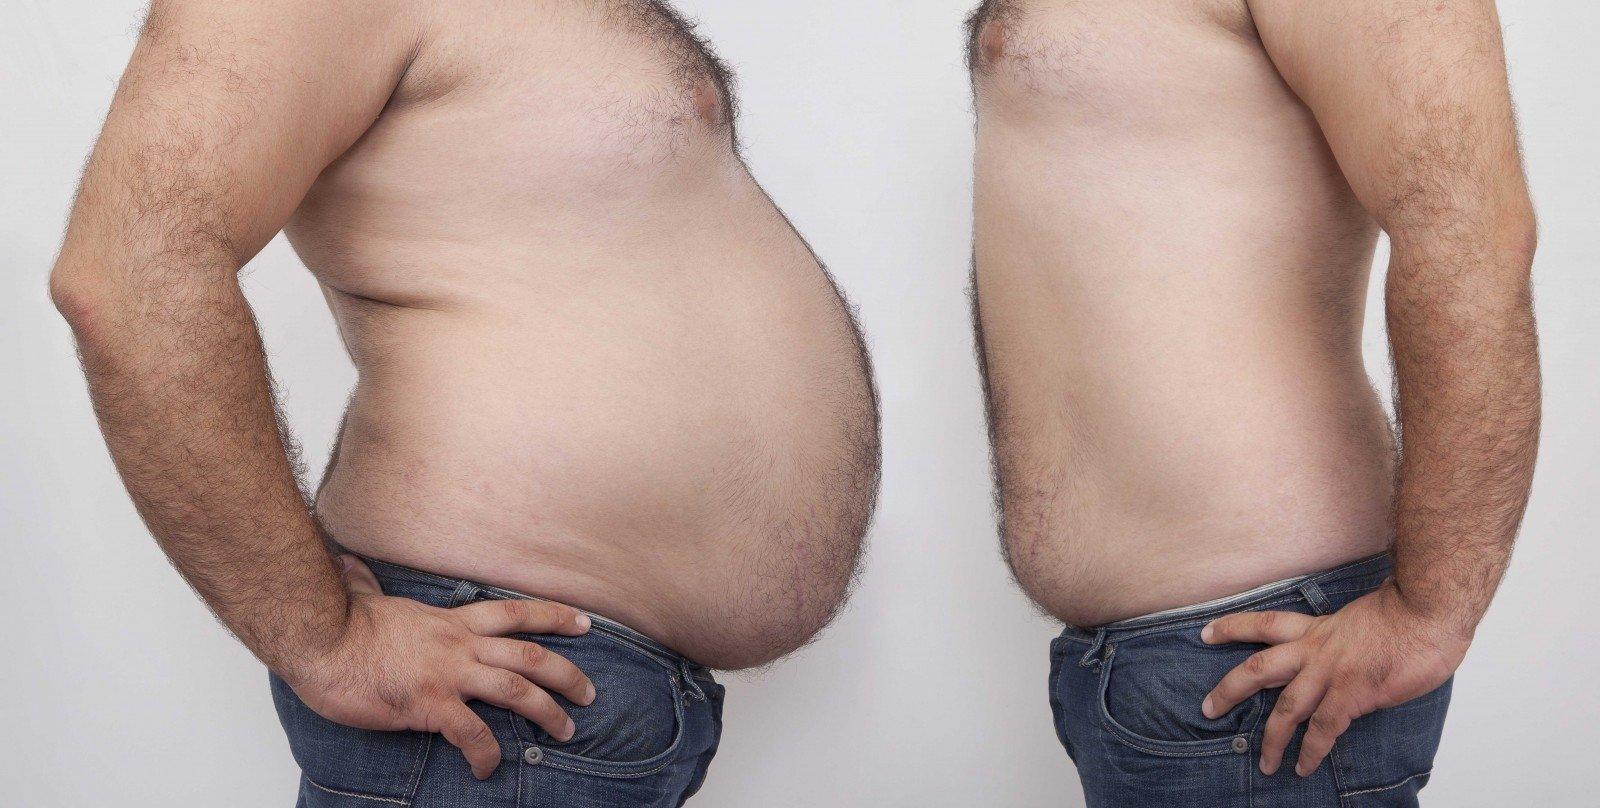 Bus praleisti padės man numesti svorio - krikstenudvaras.lt